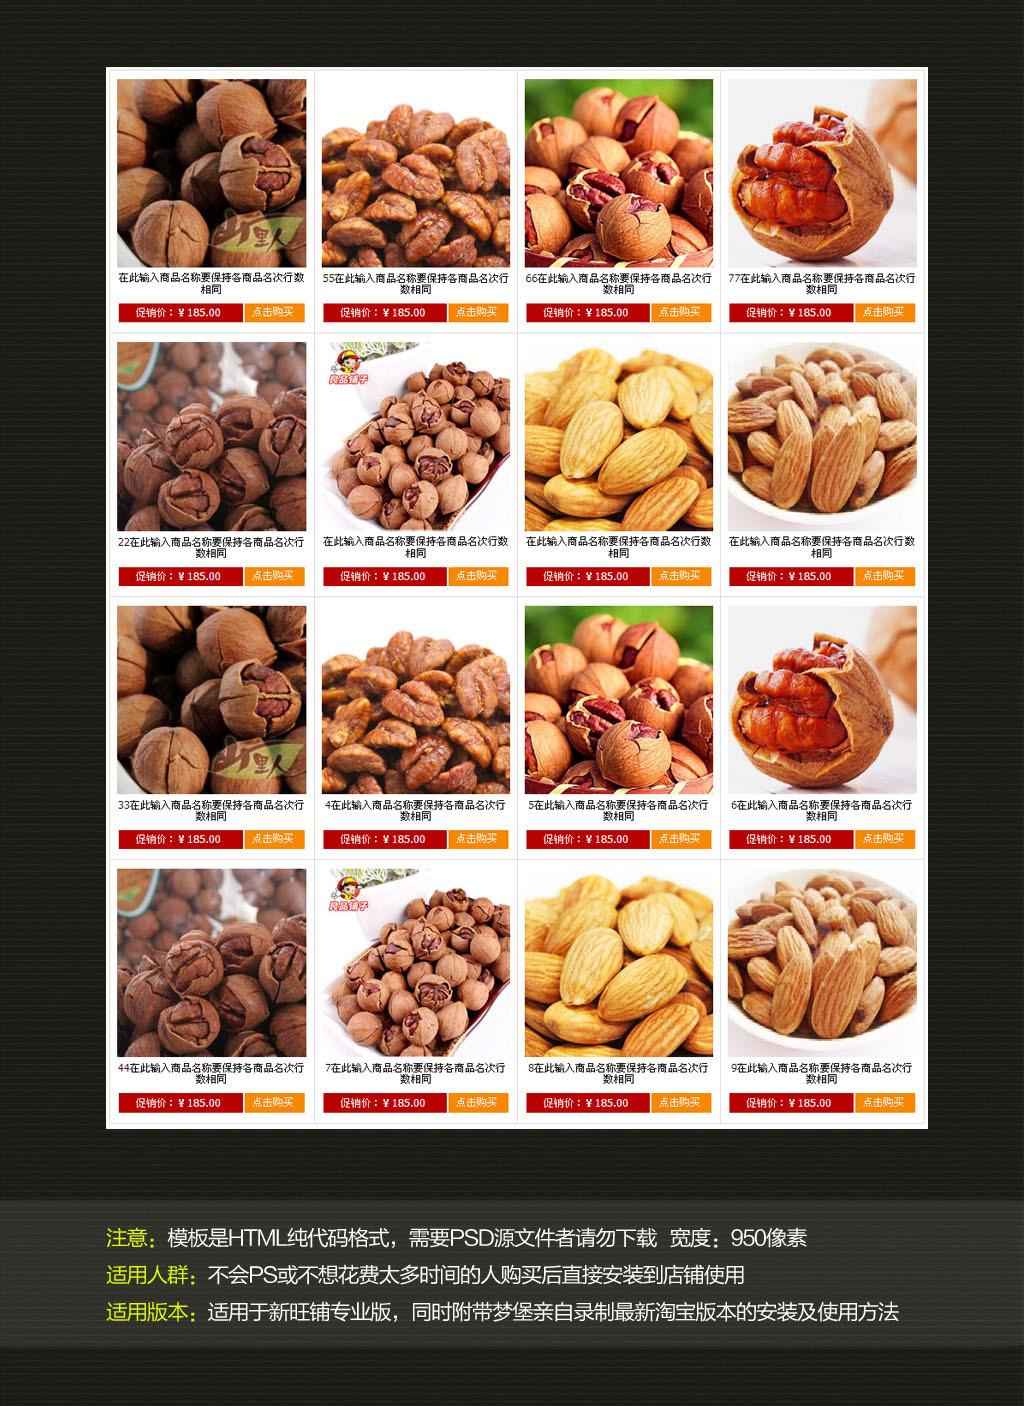 淘宝食品土特产关联销售格子代码模板模板下载 11753704 关联销售